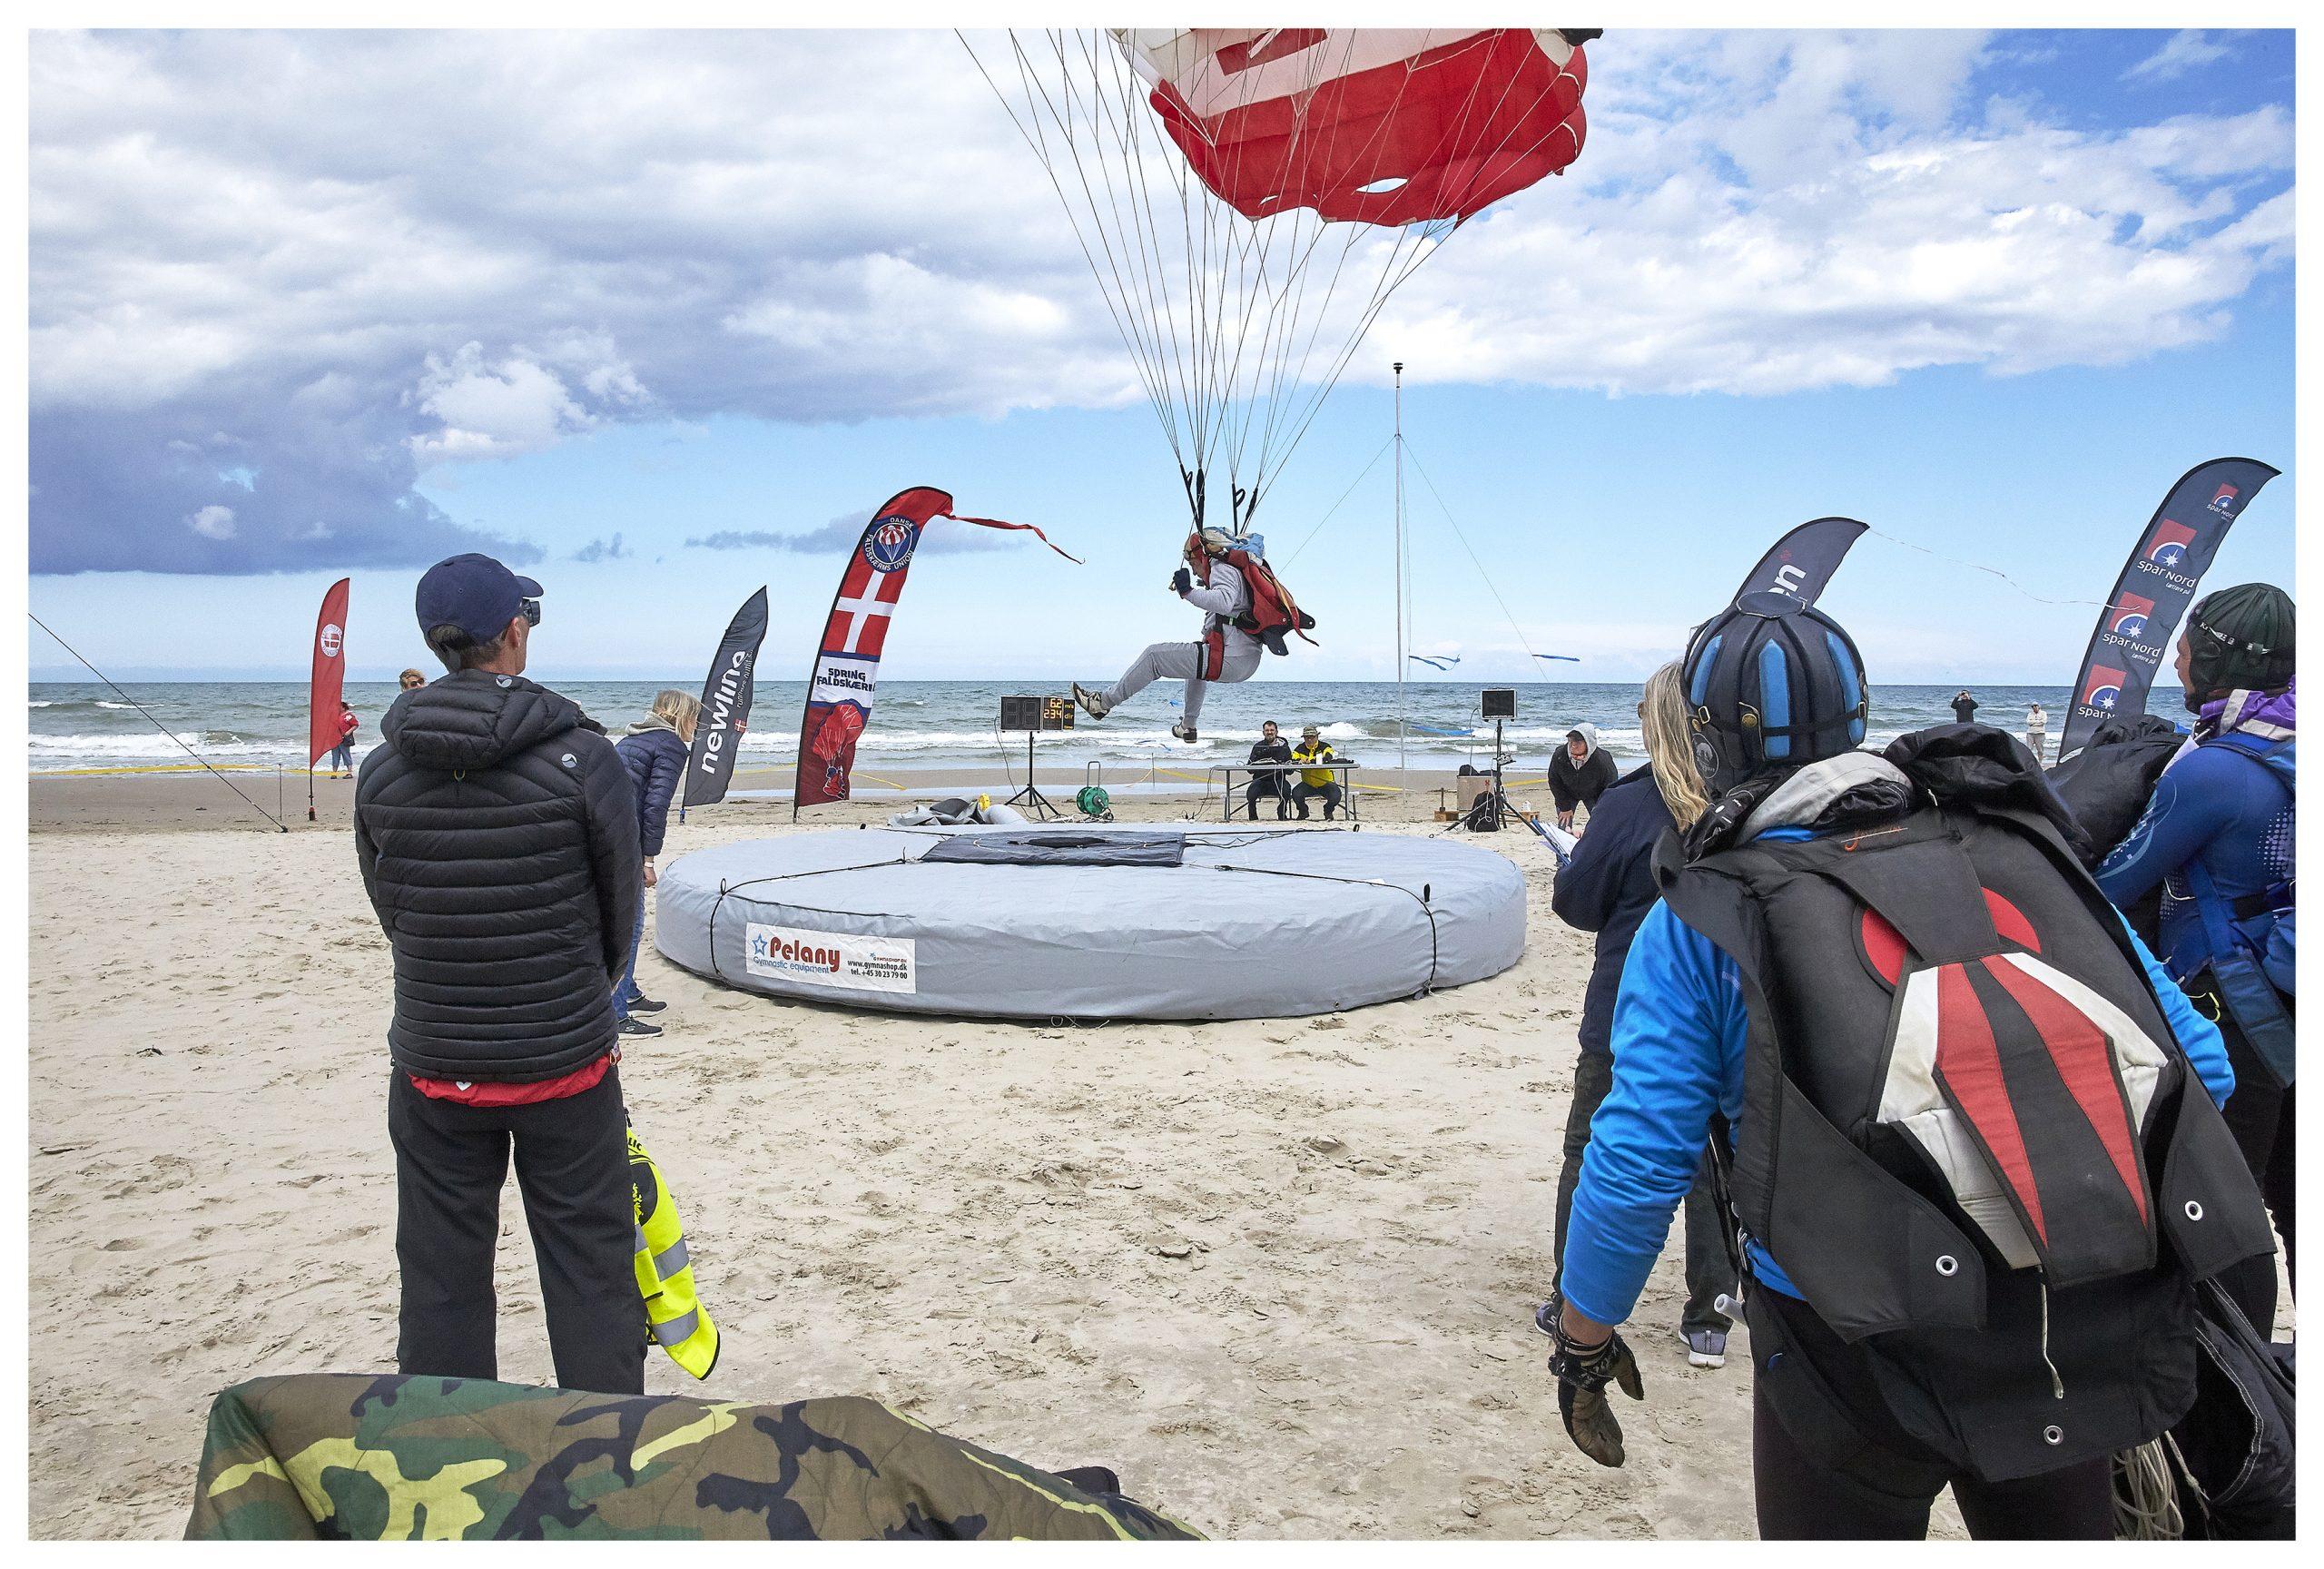 Spektakulært syn: Verdens bedste faldskærmsudspringere dyster ved Blokhus Strand